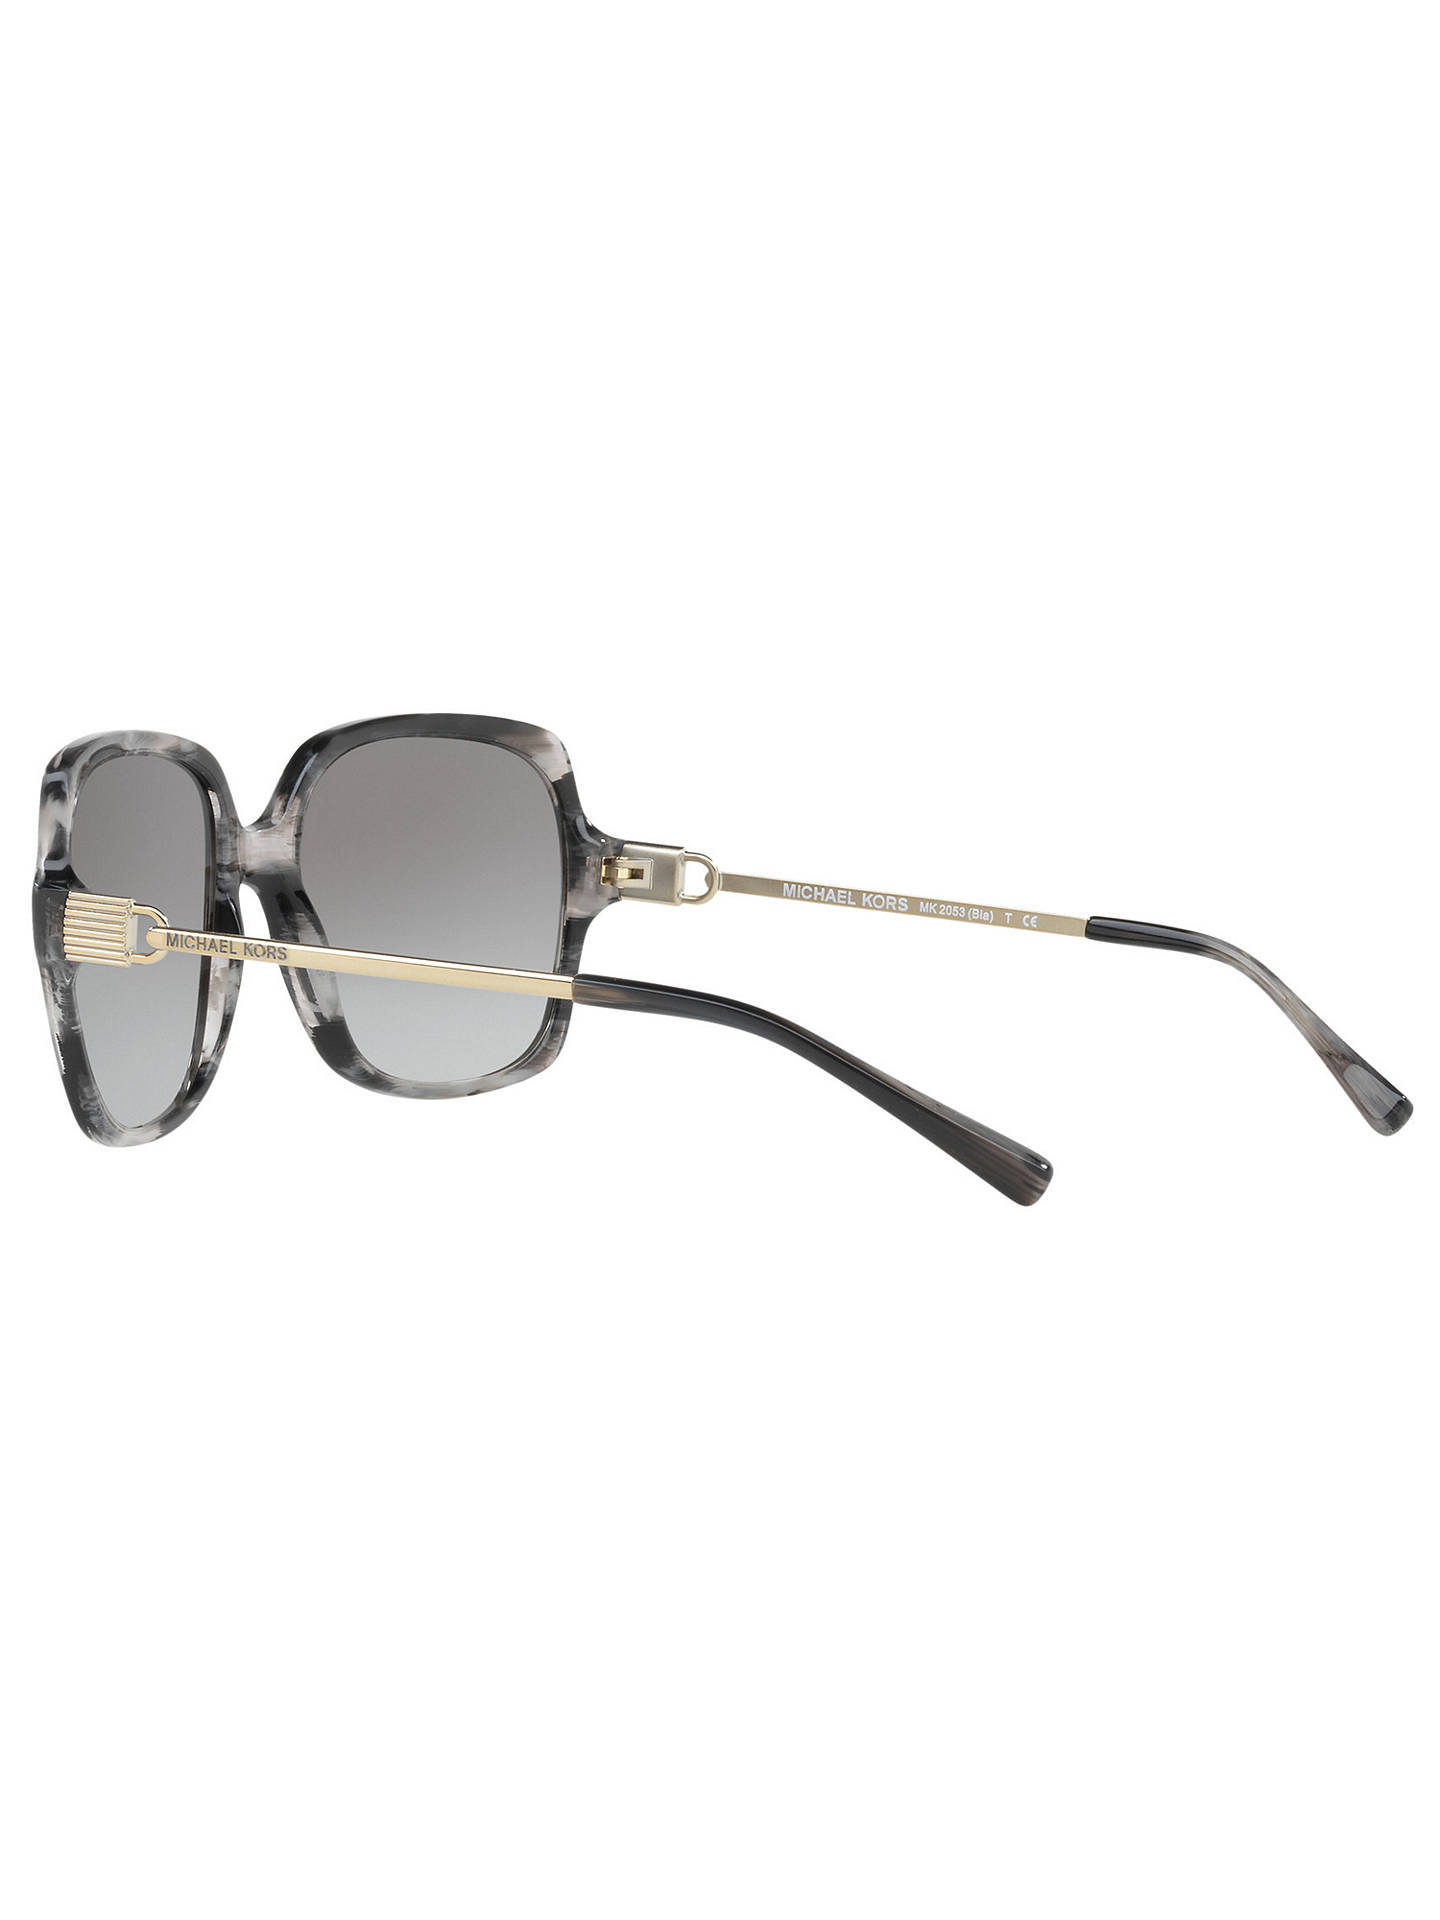 1dc42c021e Michael Kors MK2053 Bia Oversize Square Sunglasses at John Lewis ...